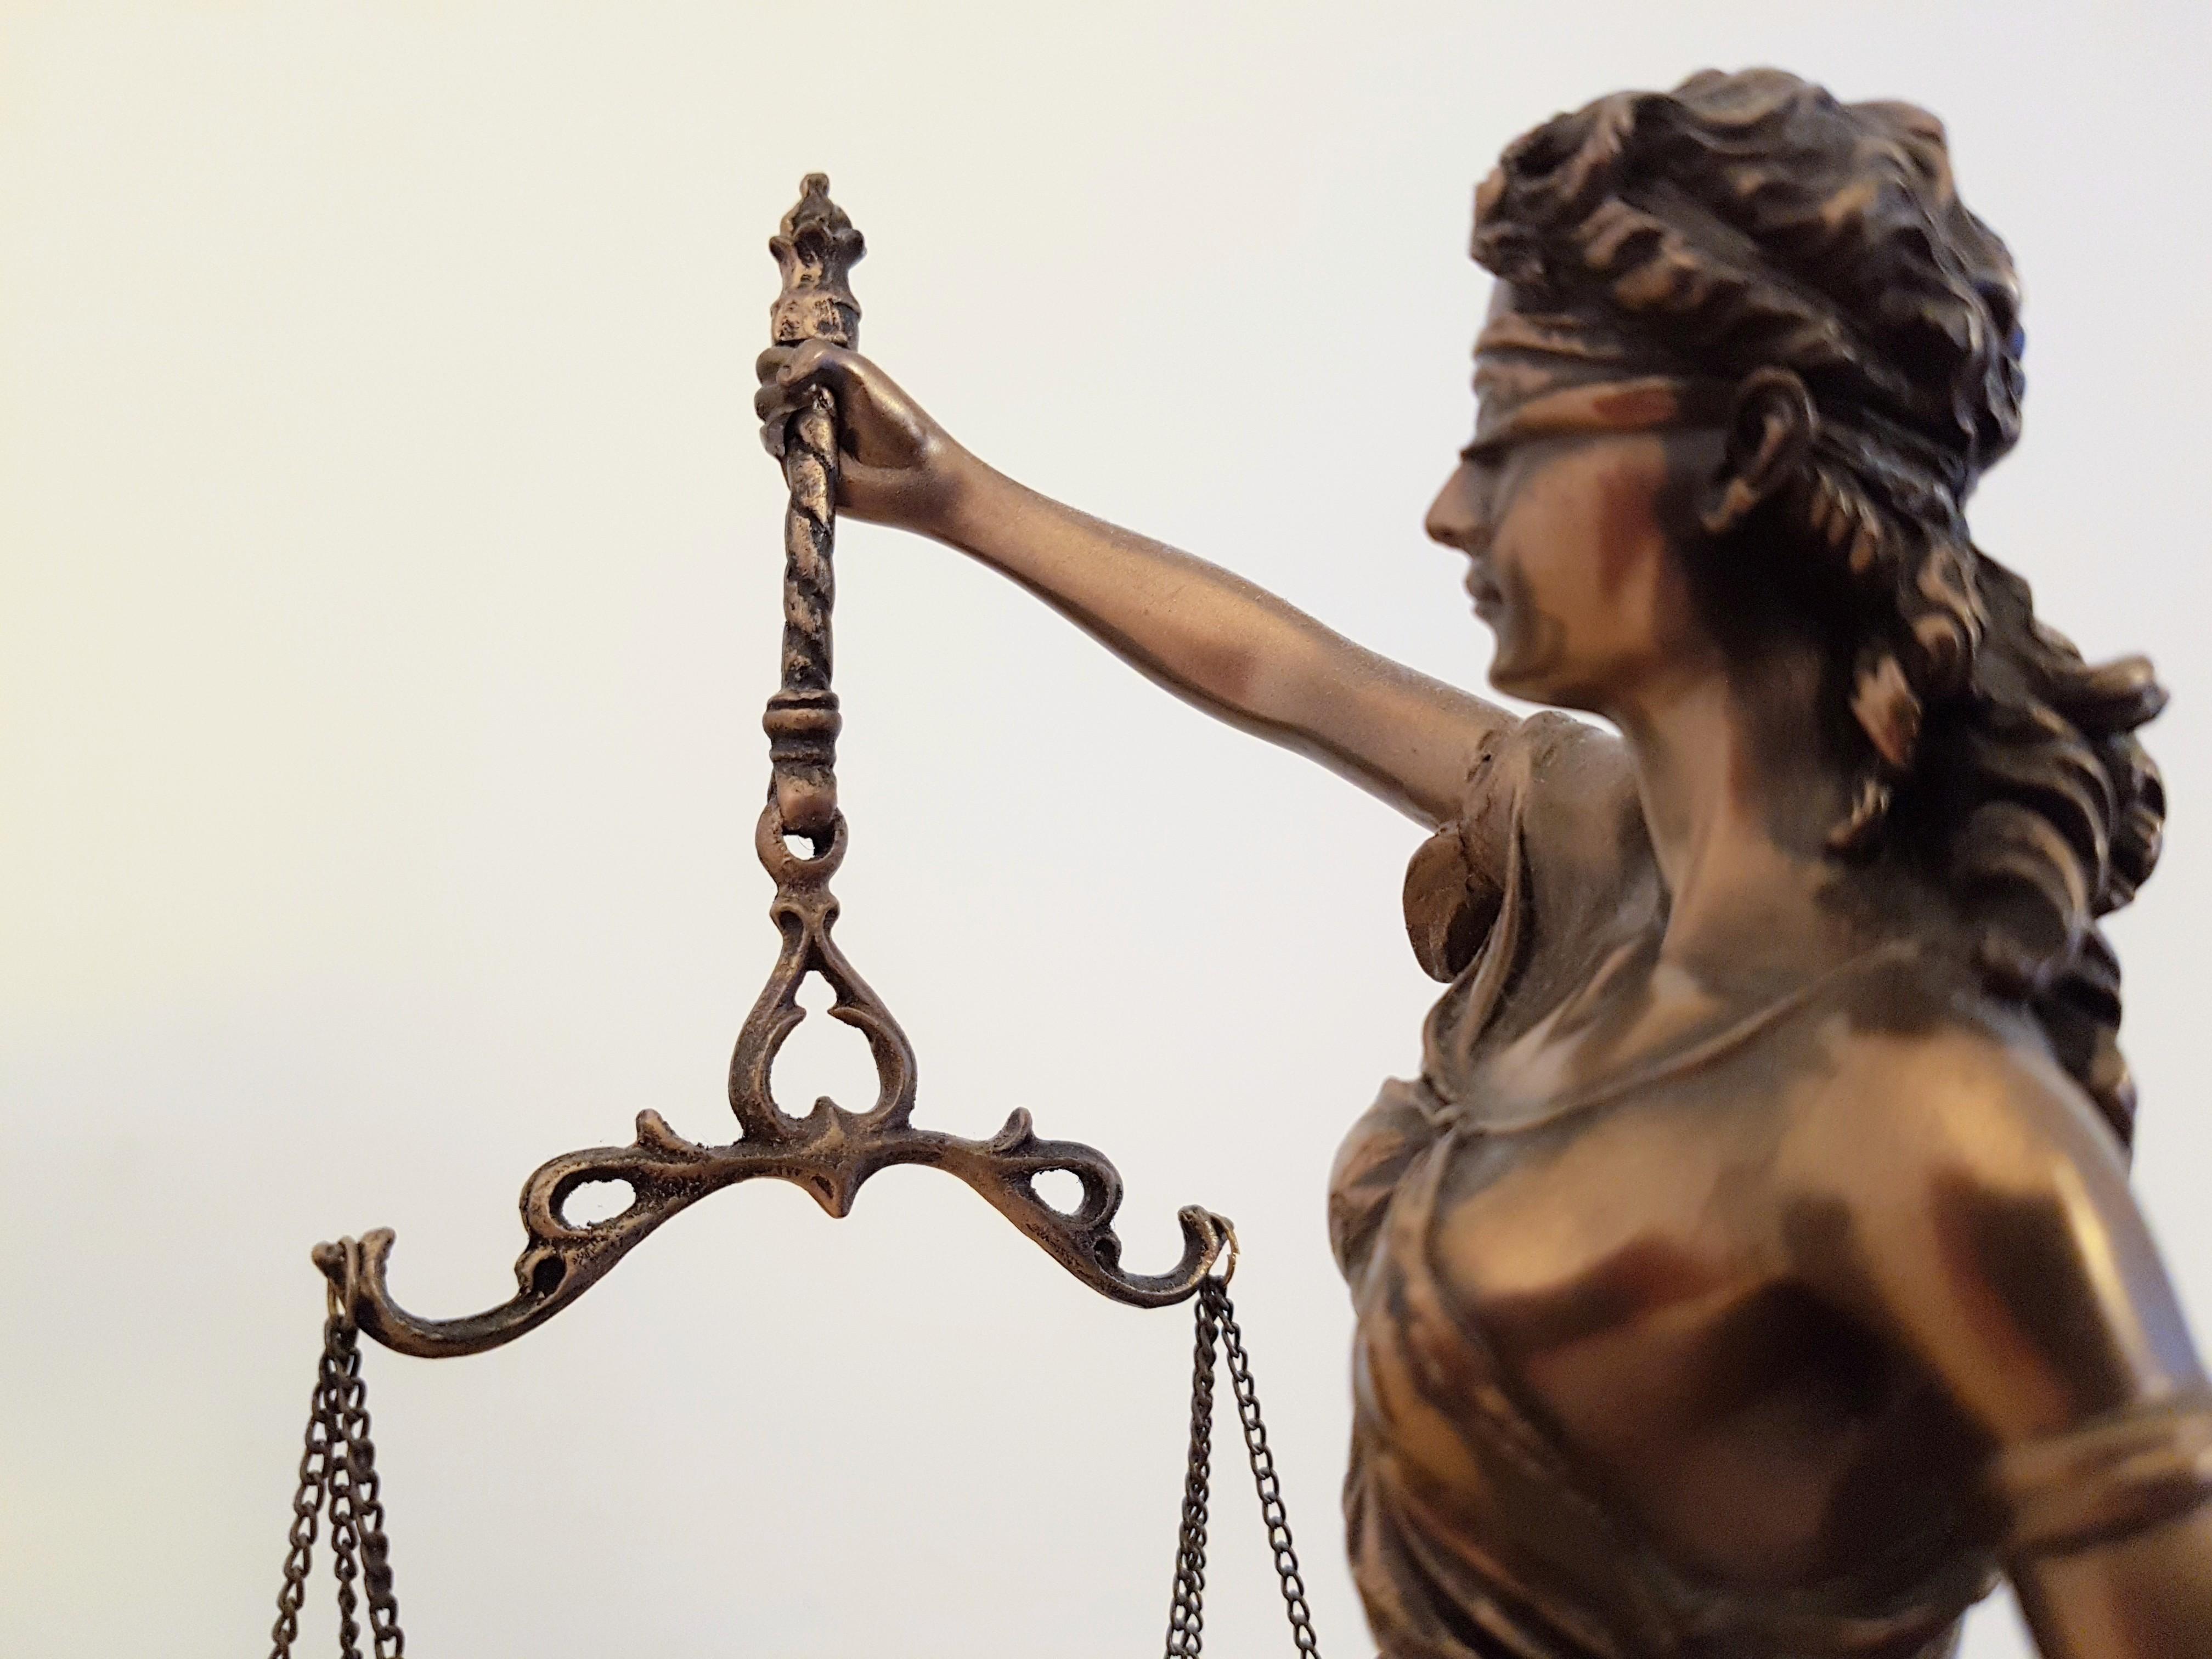 Das Foto zeigt eine Justitia, die das Recht und Gerechtigkeit symbolisiert, zu sehen ist der Kopf mit verbundenen Augen, teilweise auch die Waage.